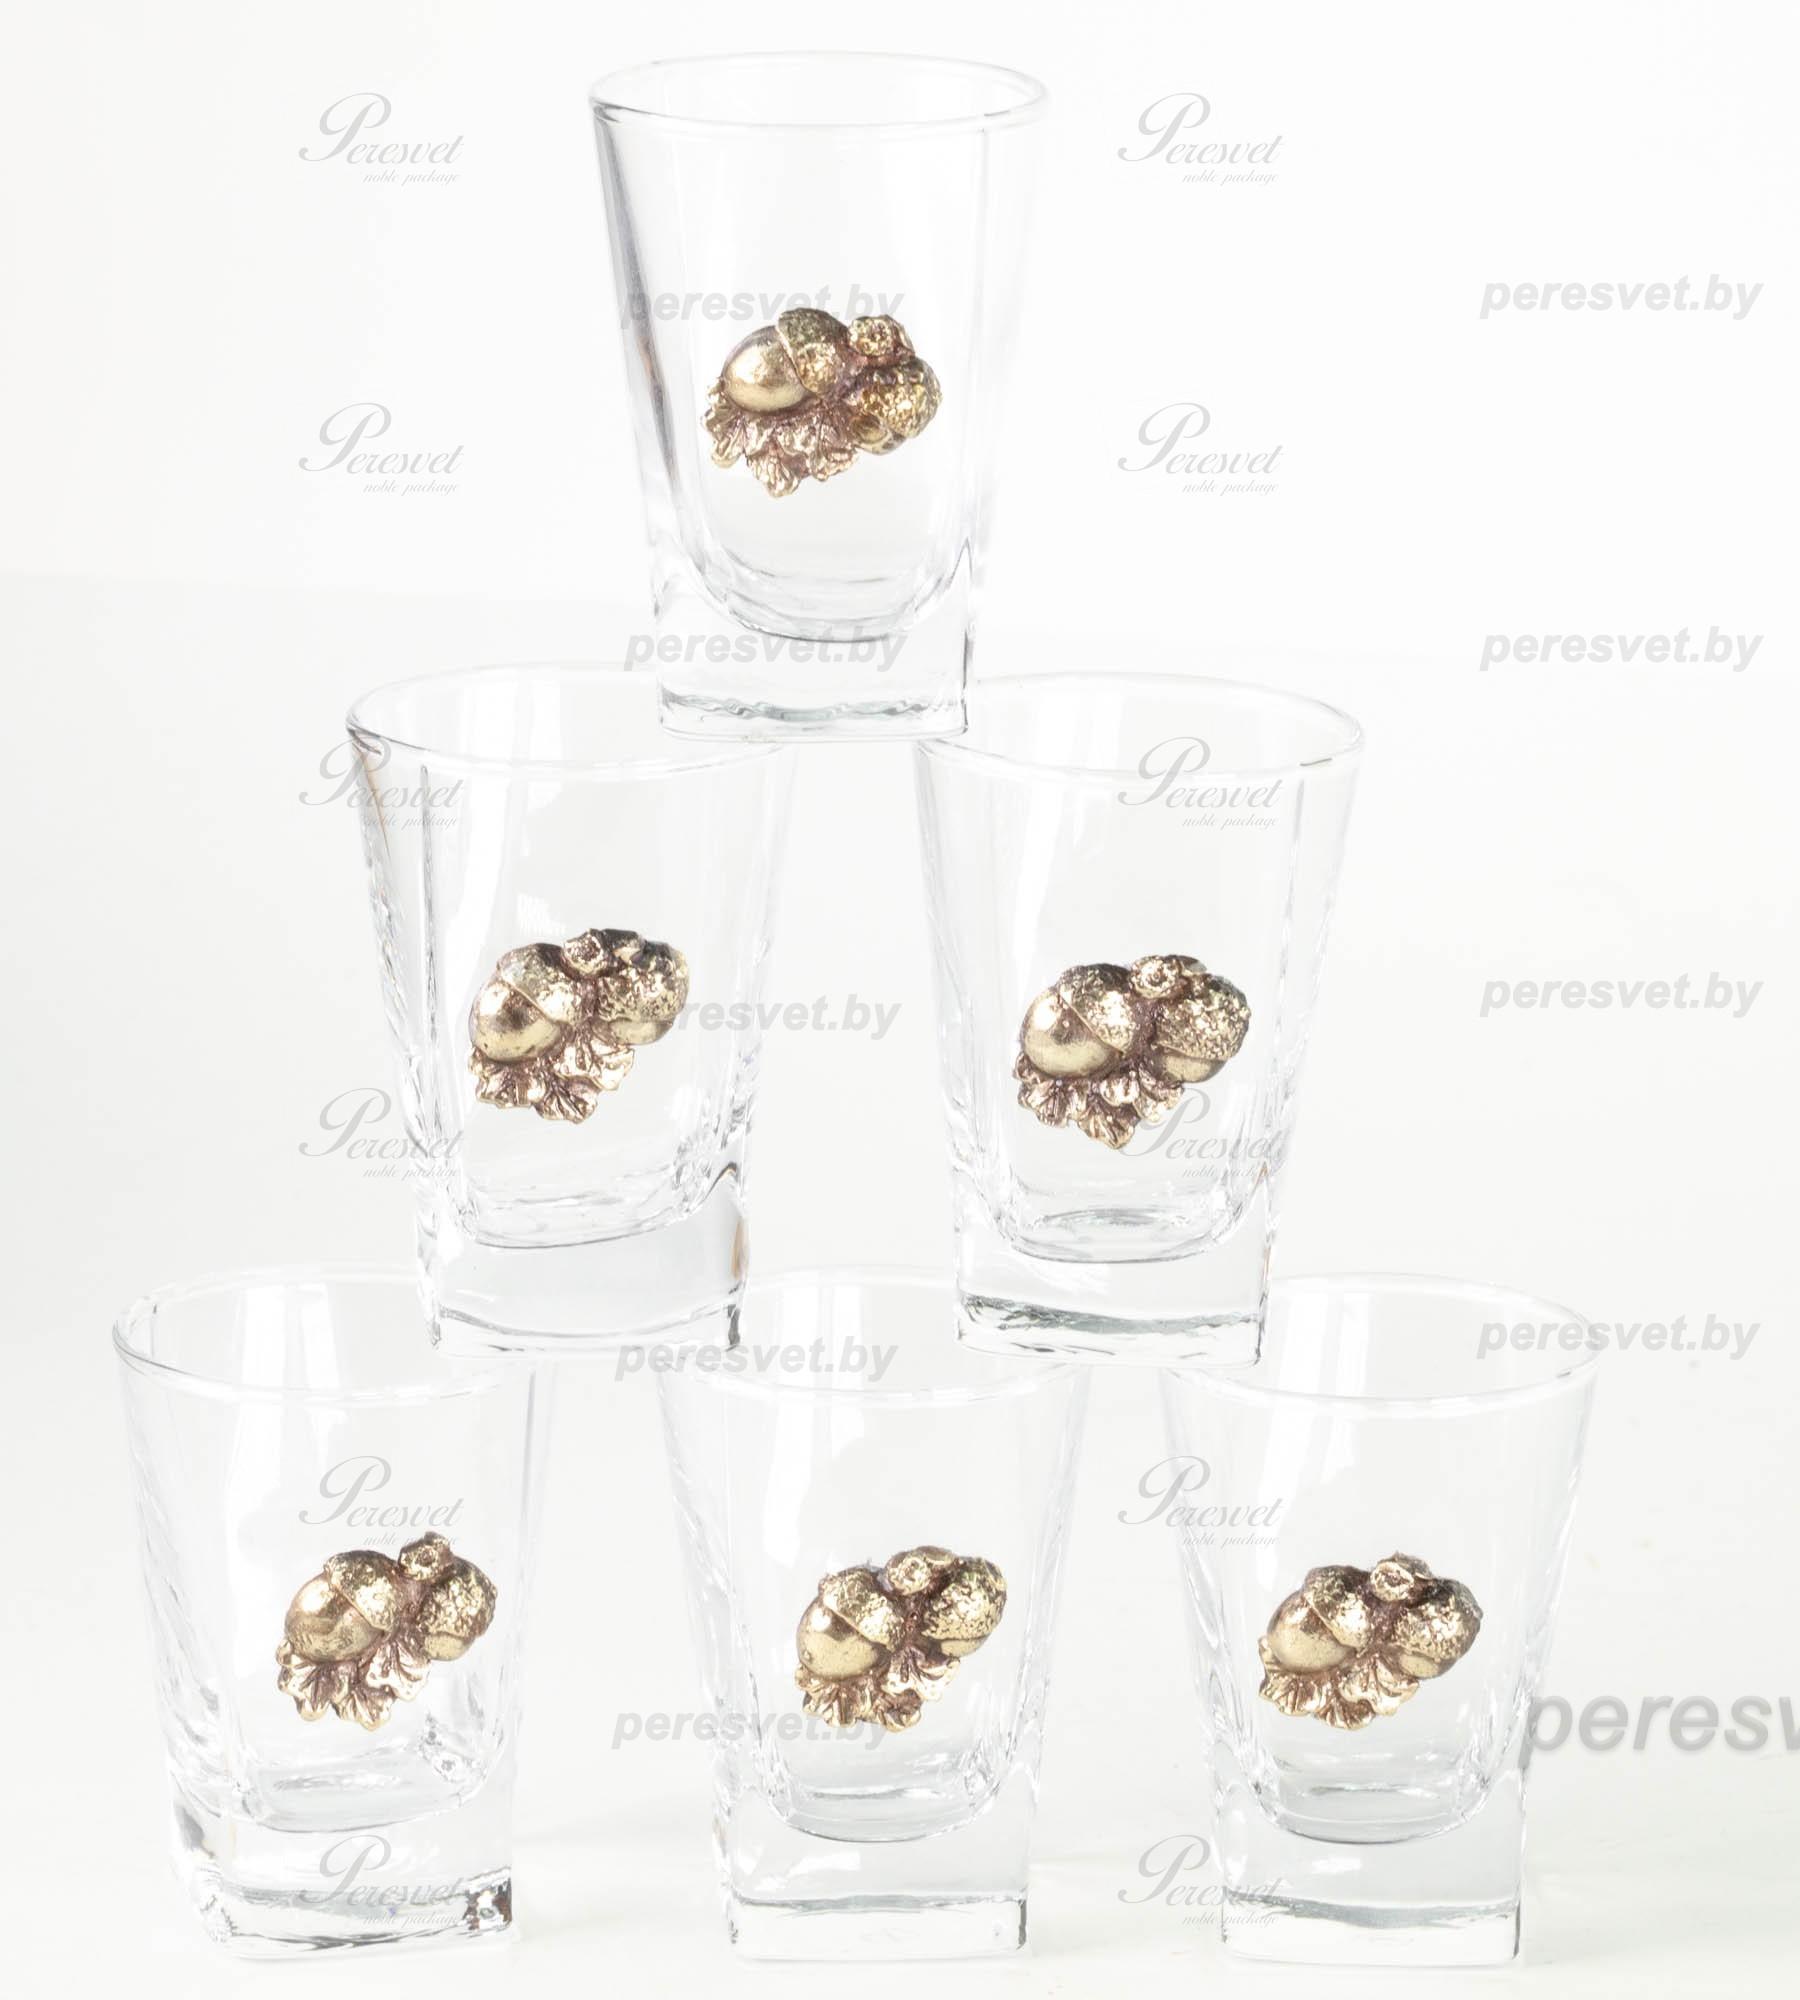 Бутылка и шесть рюмок с элементами художественного литья Коньячный набор на peresvet.by